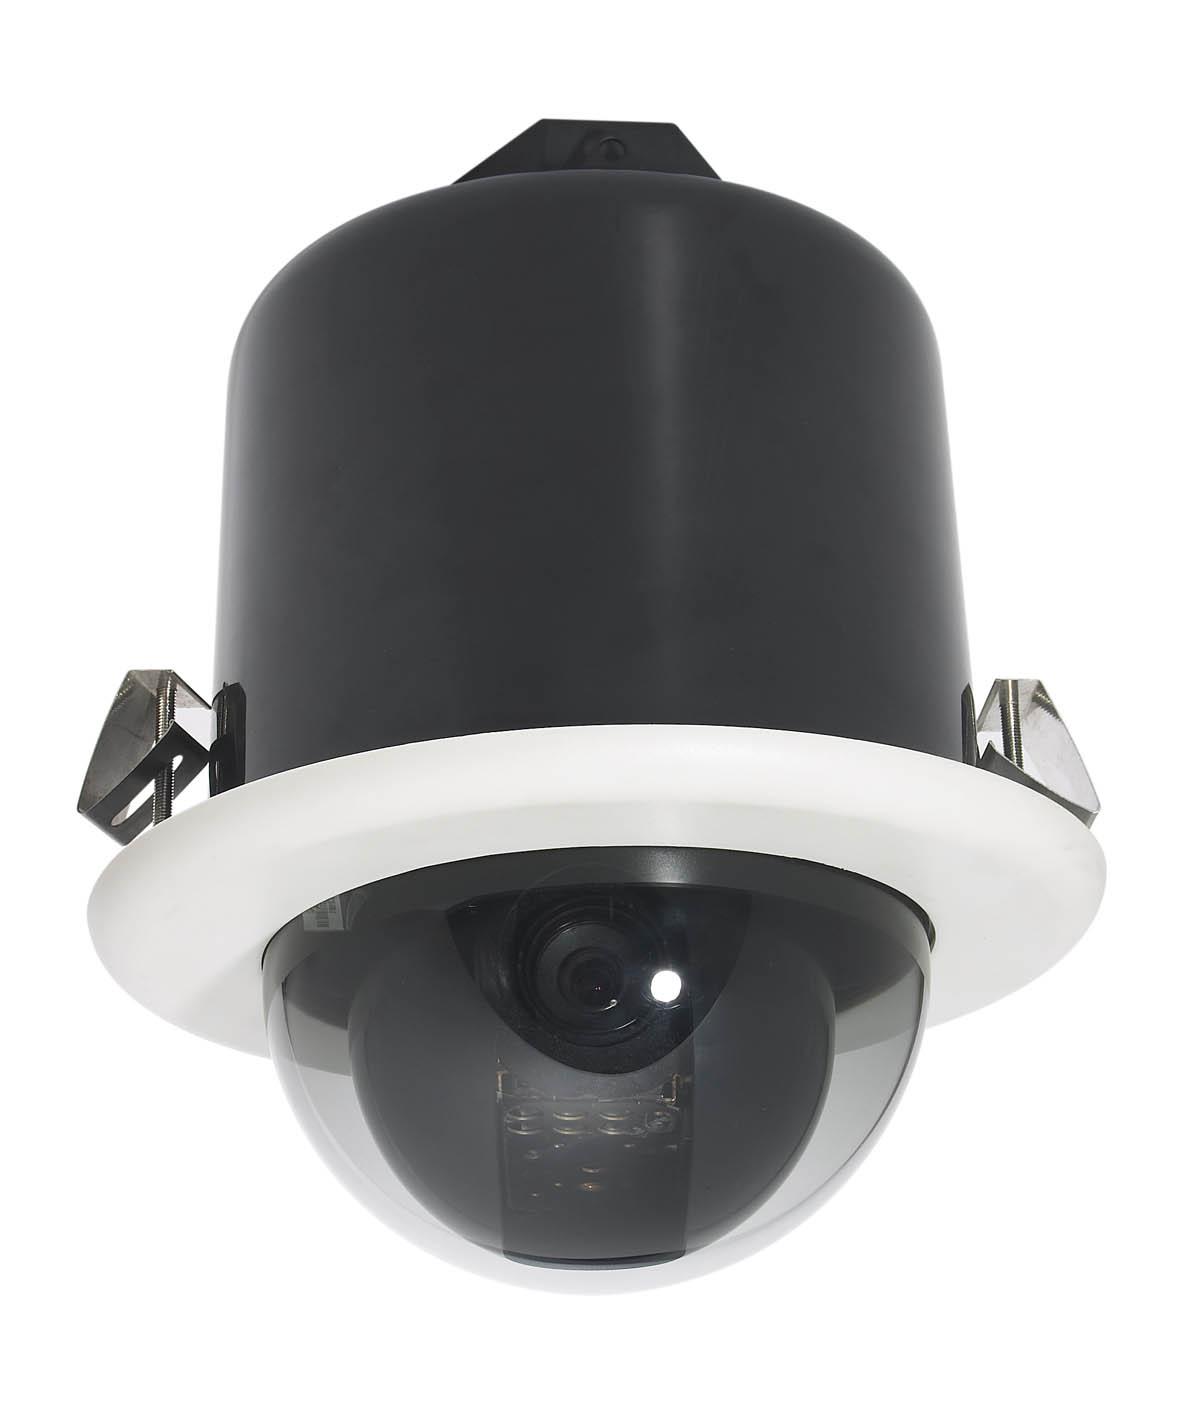 半球型专为室内环境设计 上罩由高强度阻燃ABS材料制成,耐老化、耐高温、抗腐蚀 下罩采用进口亚克力光学材料,透光率高,不失真 精密步进电机驱动,反应灵敏,运转平稳,操作平滑无抖动 防护等级IP65  调用球机菜单功能  球机唯一身份ID,可以实现远端快速地址控制  自动水平扫描/两点间立体扫描/花样扫描功能  守望位功能  分组预置位巡检功能(分为4组,每组最多32个预置位,预置位可任意设定,以实现4条巡航轨迹)  可变巡视速度  可变巡视停留时间(可分别设置各预置点的单独停留时间,默认相同)